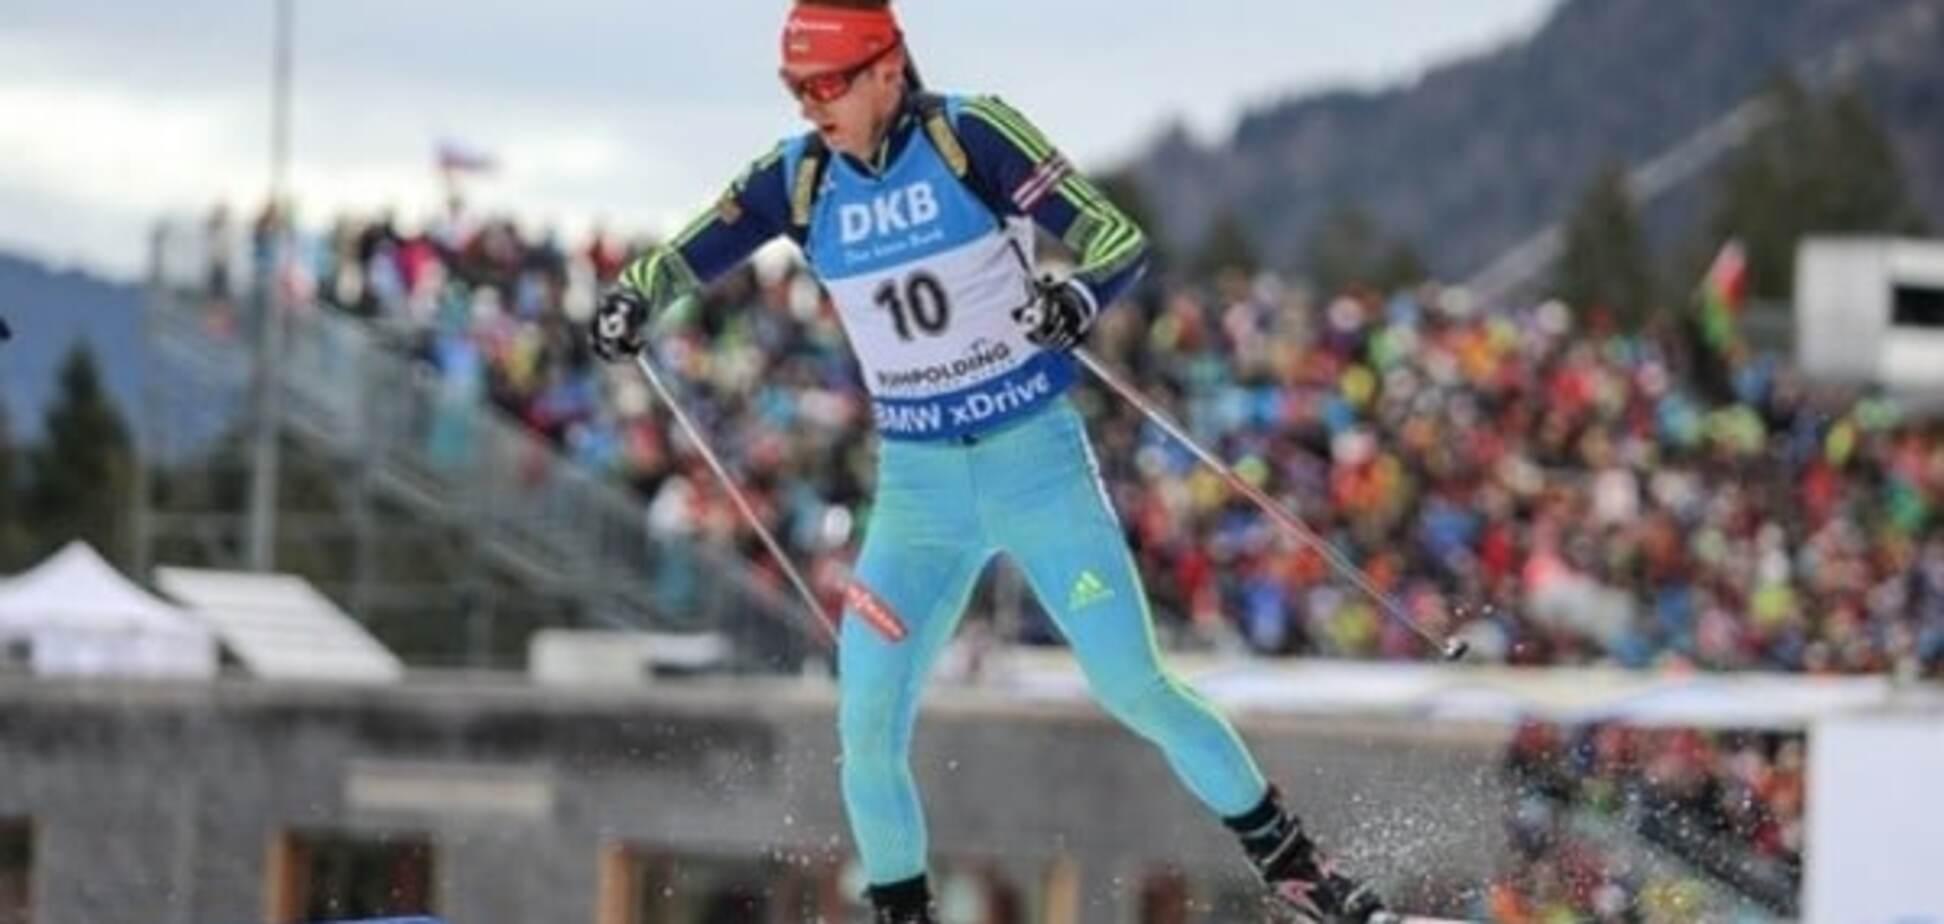 Это потеря: лидеры сборной Украины пропустят два этапа Кубка мира по биатлону